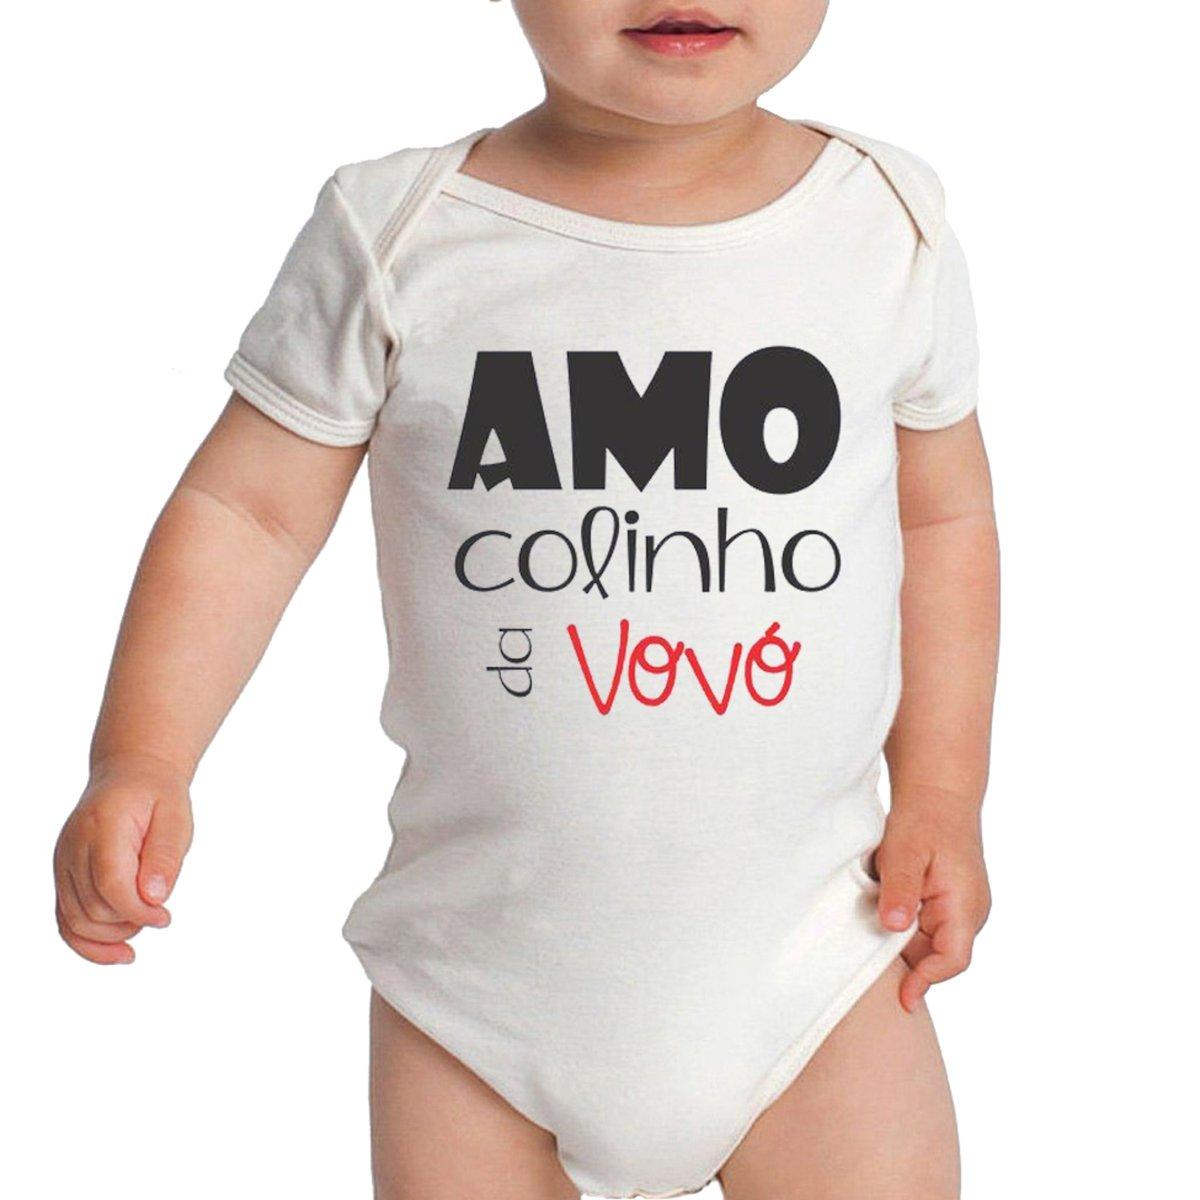 Body Criativa Urbana Bebê Frases Fofas De Vovó Amo Colinho Branco